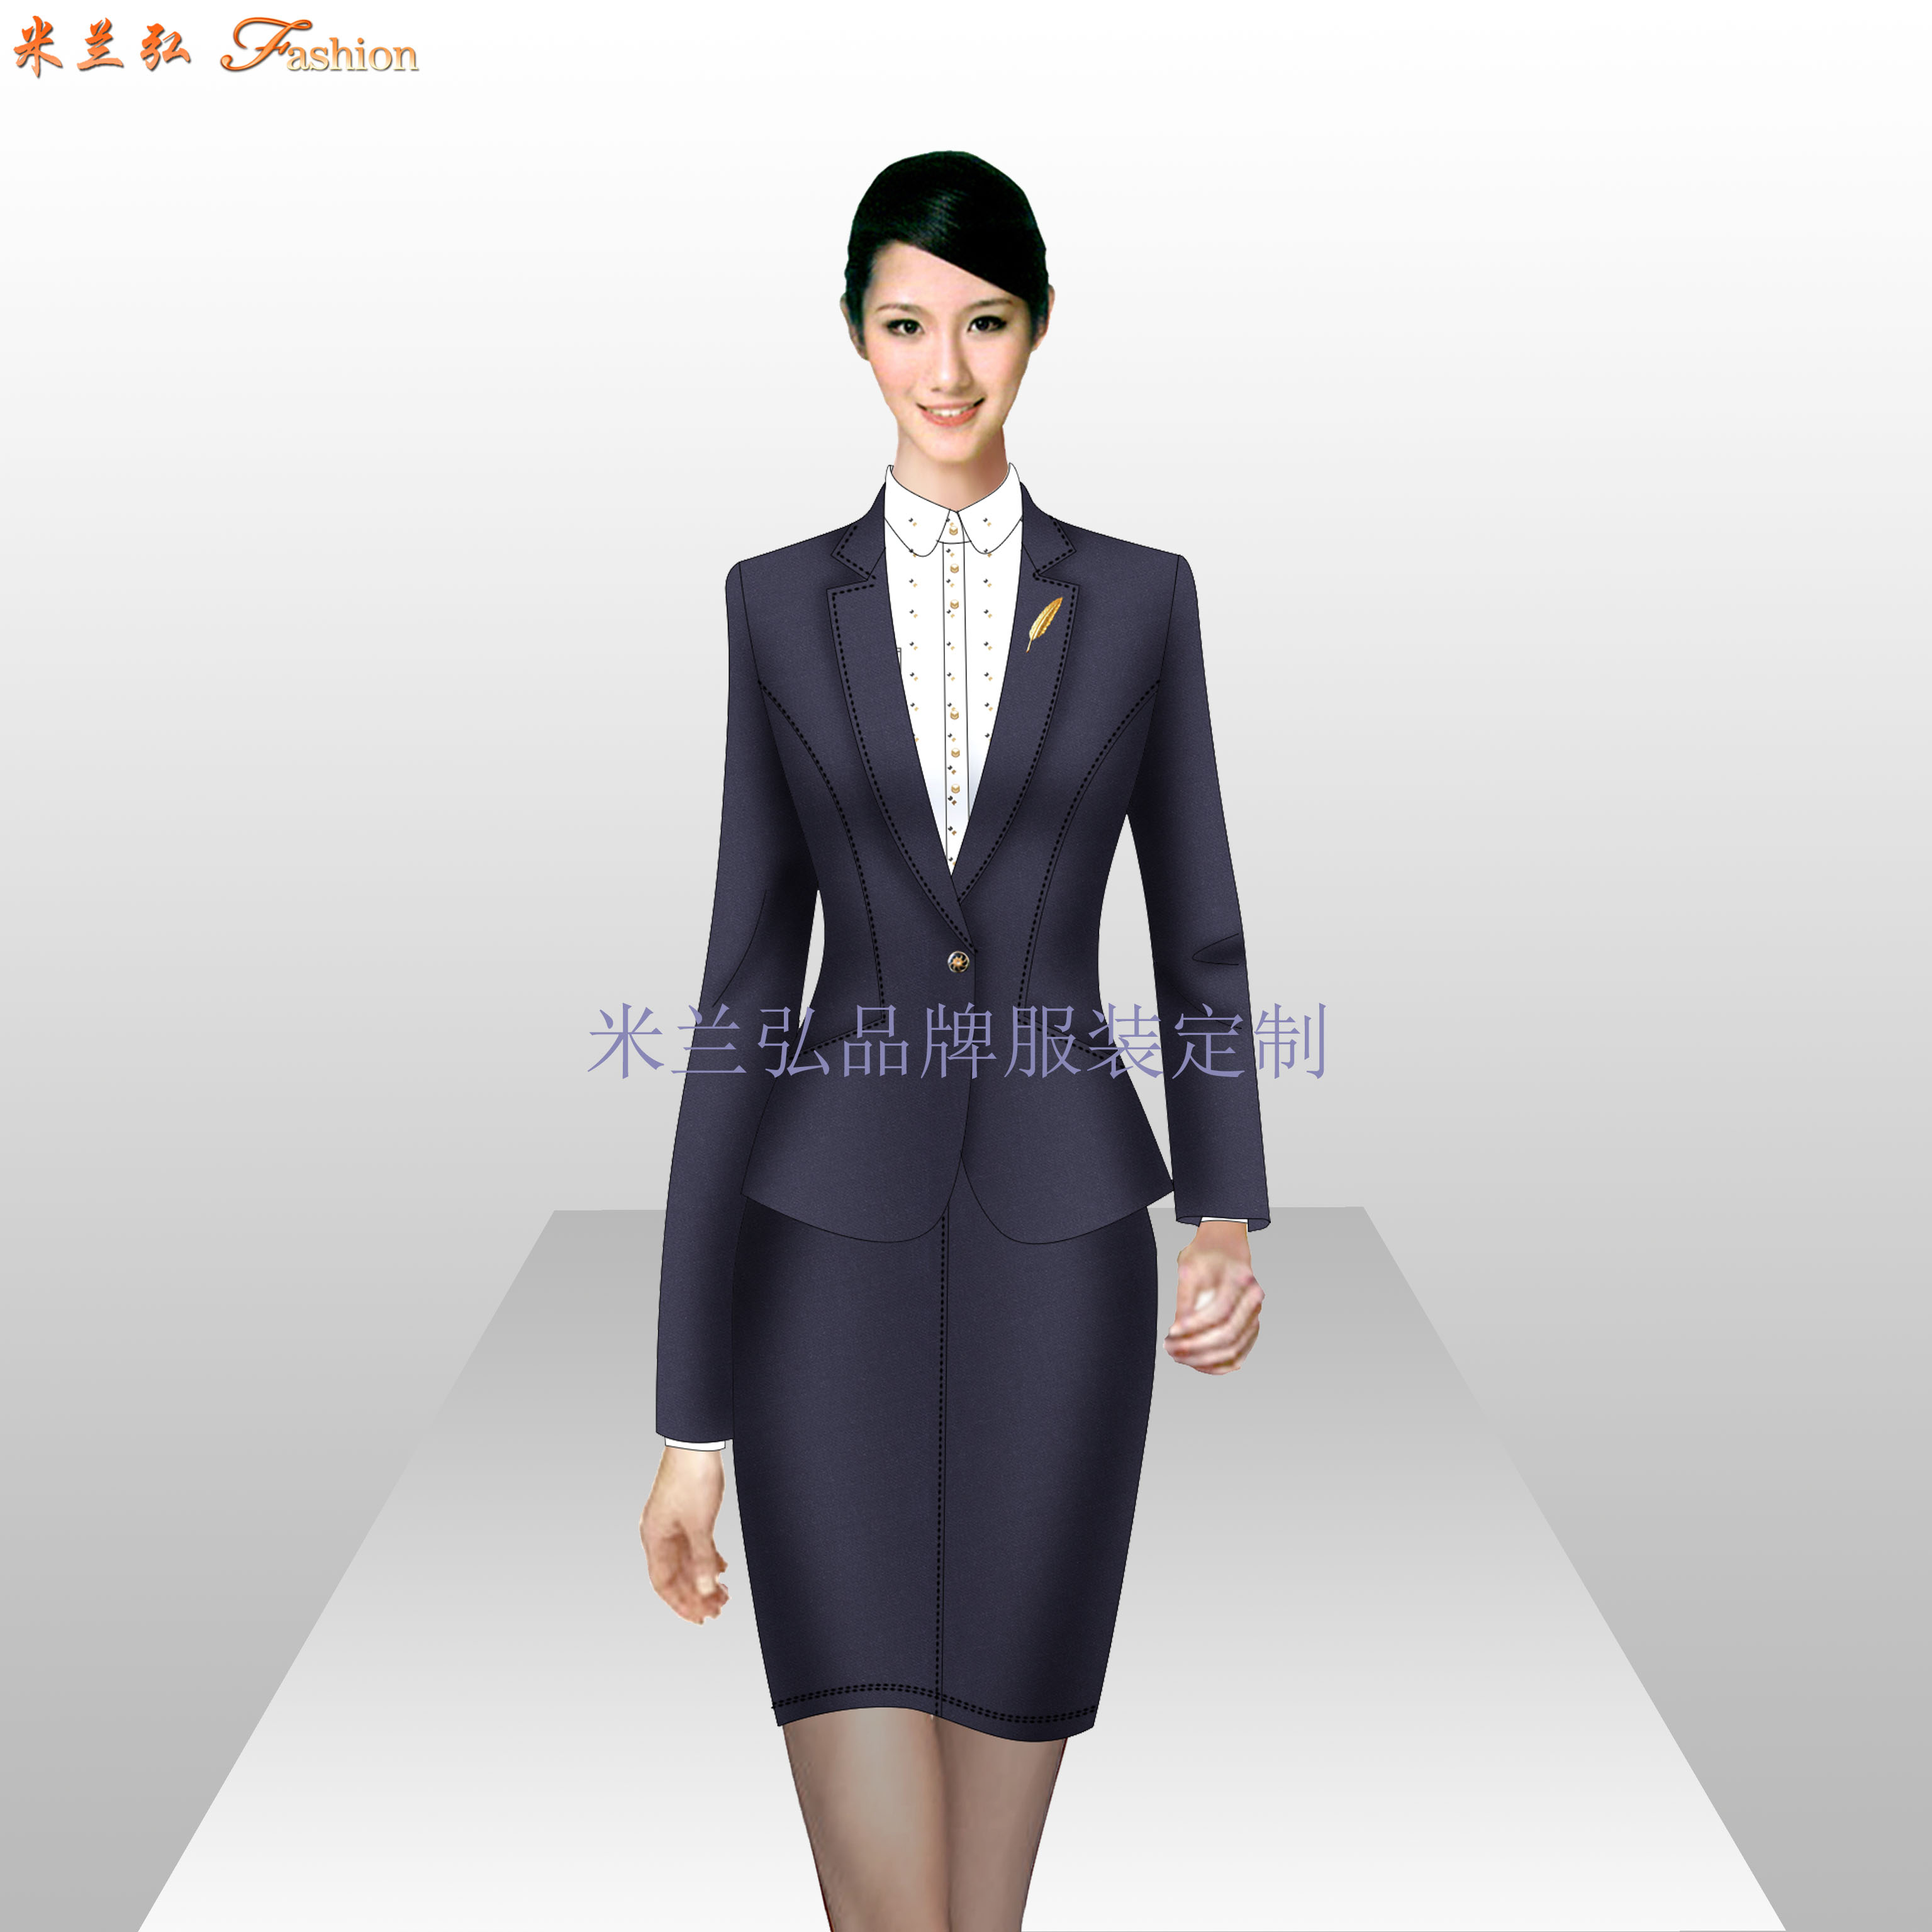 南京西服定制_南京西裝訂做-米蘭弘服裝廠家-1